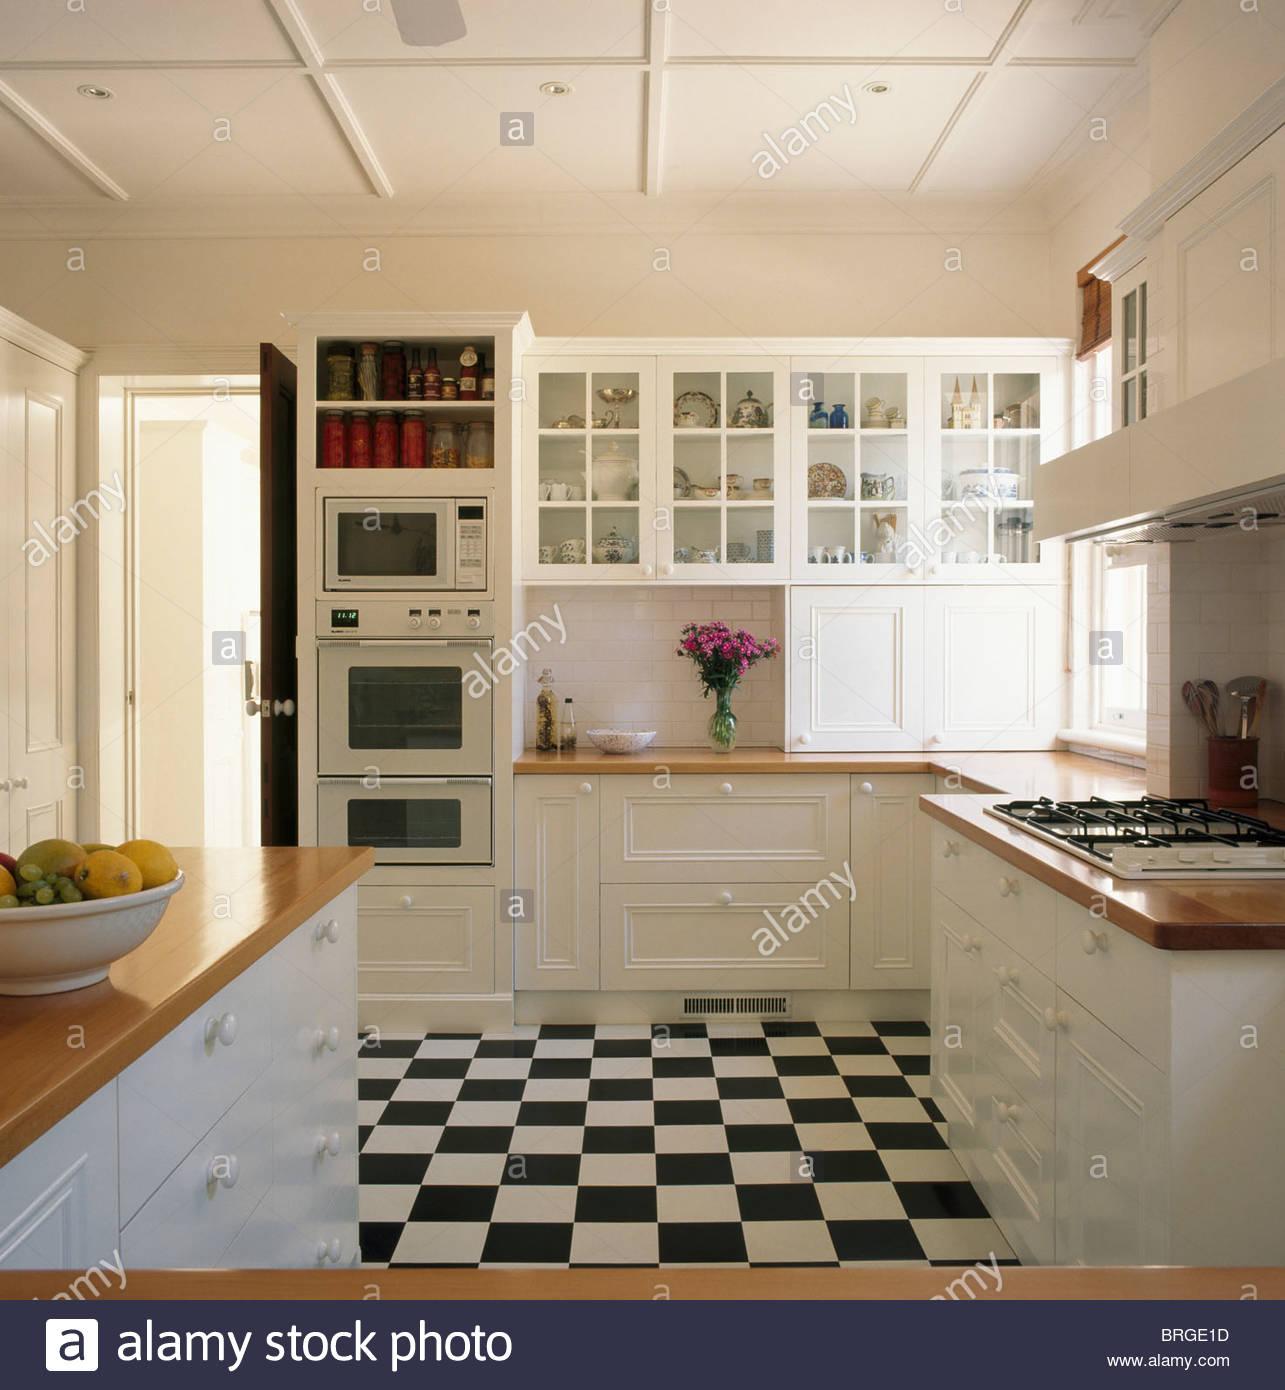 Full Size of Bodenbelag Für Küche Küchenboden Und Arbeitsplatte Küche Boden Schubladen Bodenbelag Küche Erfahrungen Küche Bodenbelag Küche